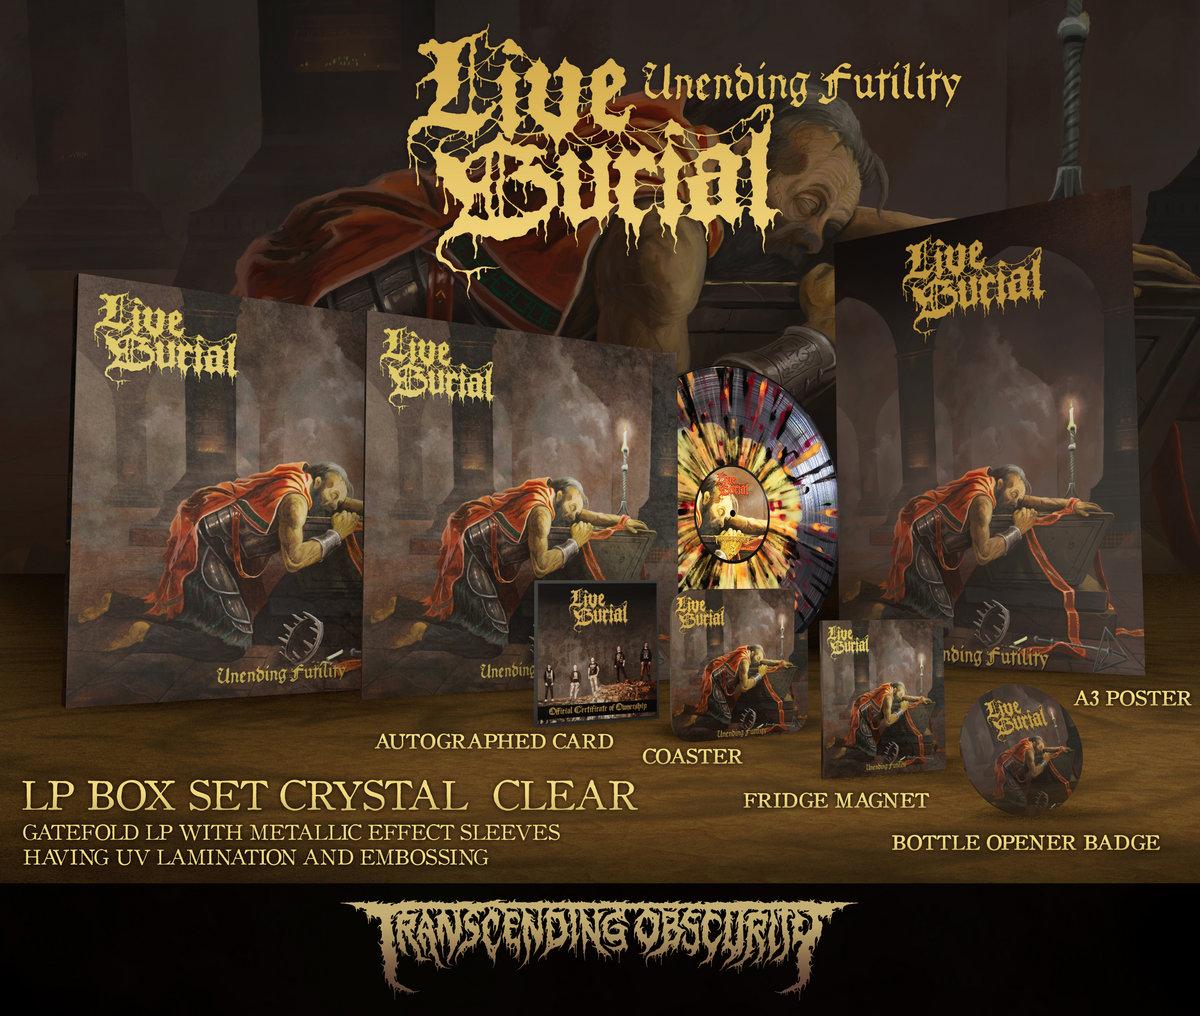 Unending Futility Crystal Clear LP Box